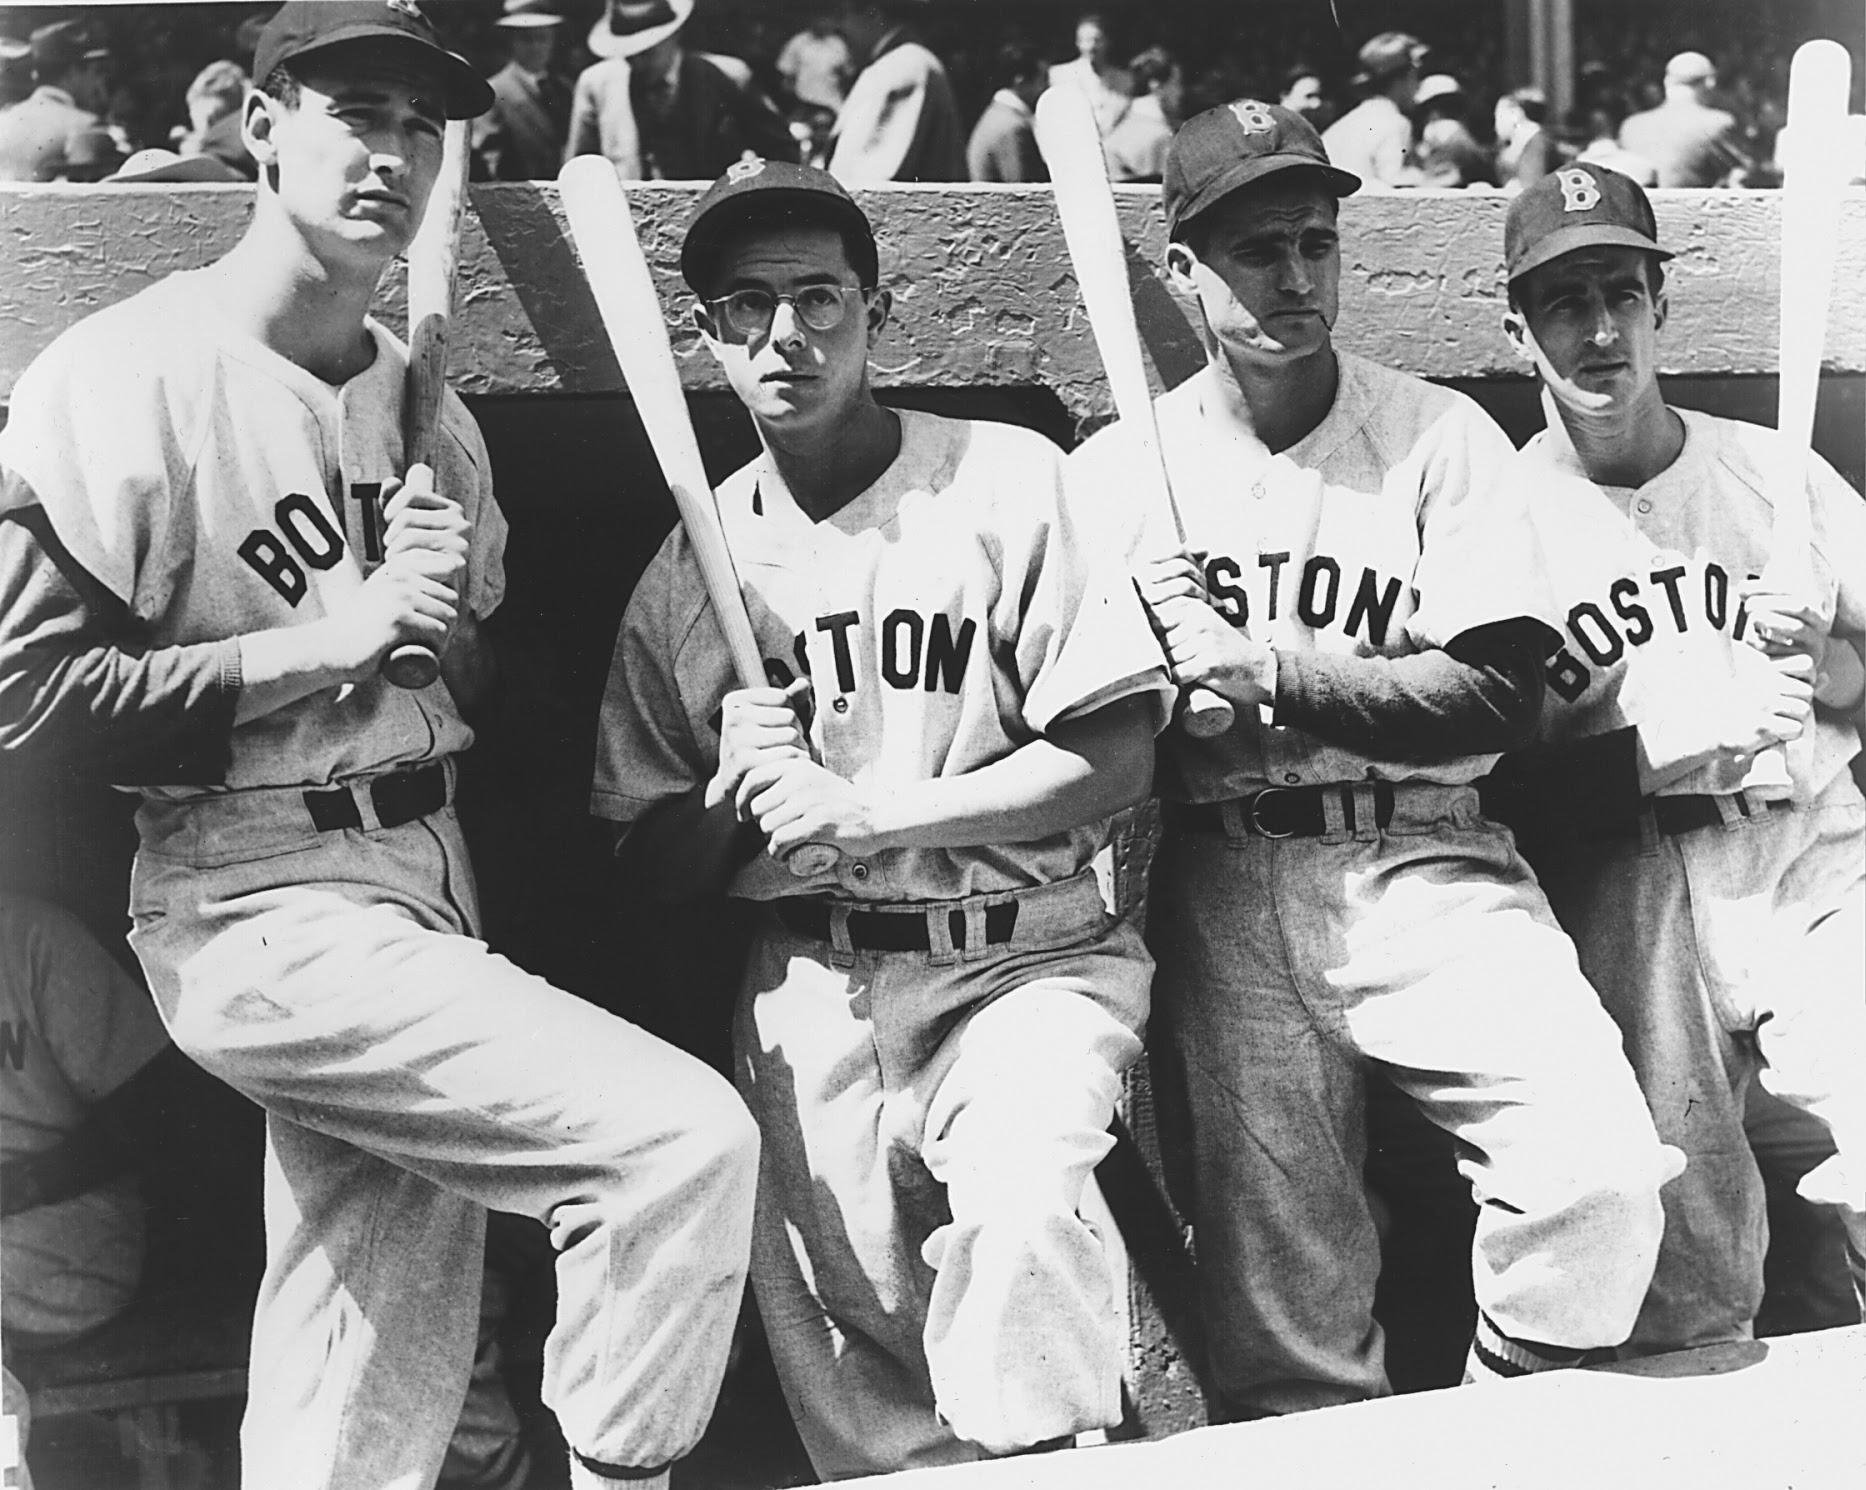 http://bostonbaseballhistory.com/wp-content/uploads/2014/04/Bobby-Doerr-2.jpg